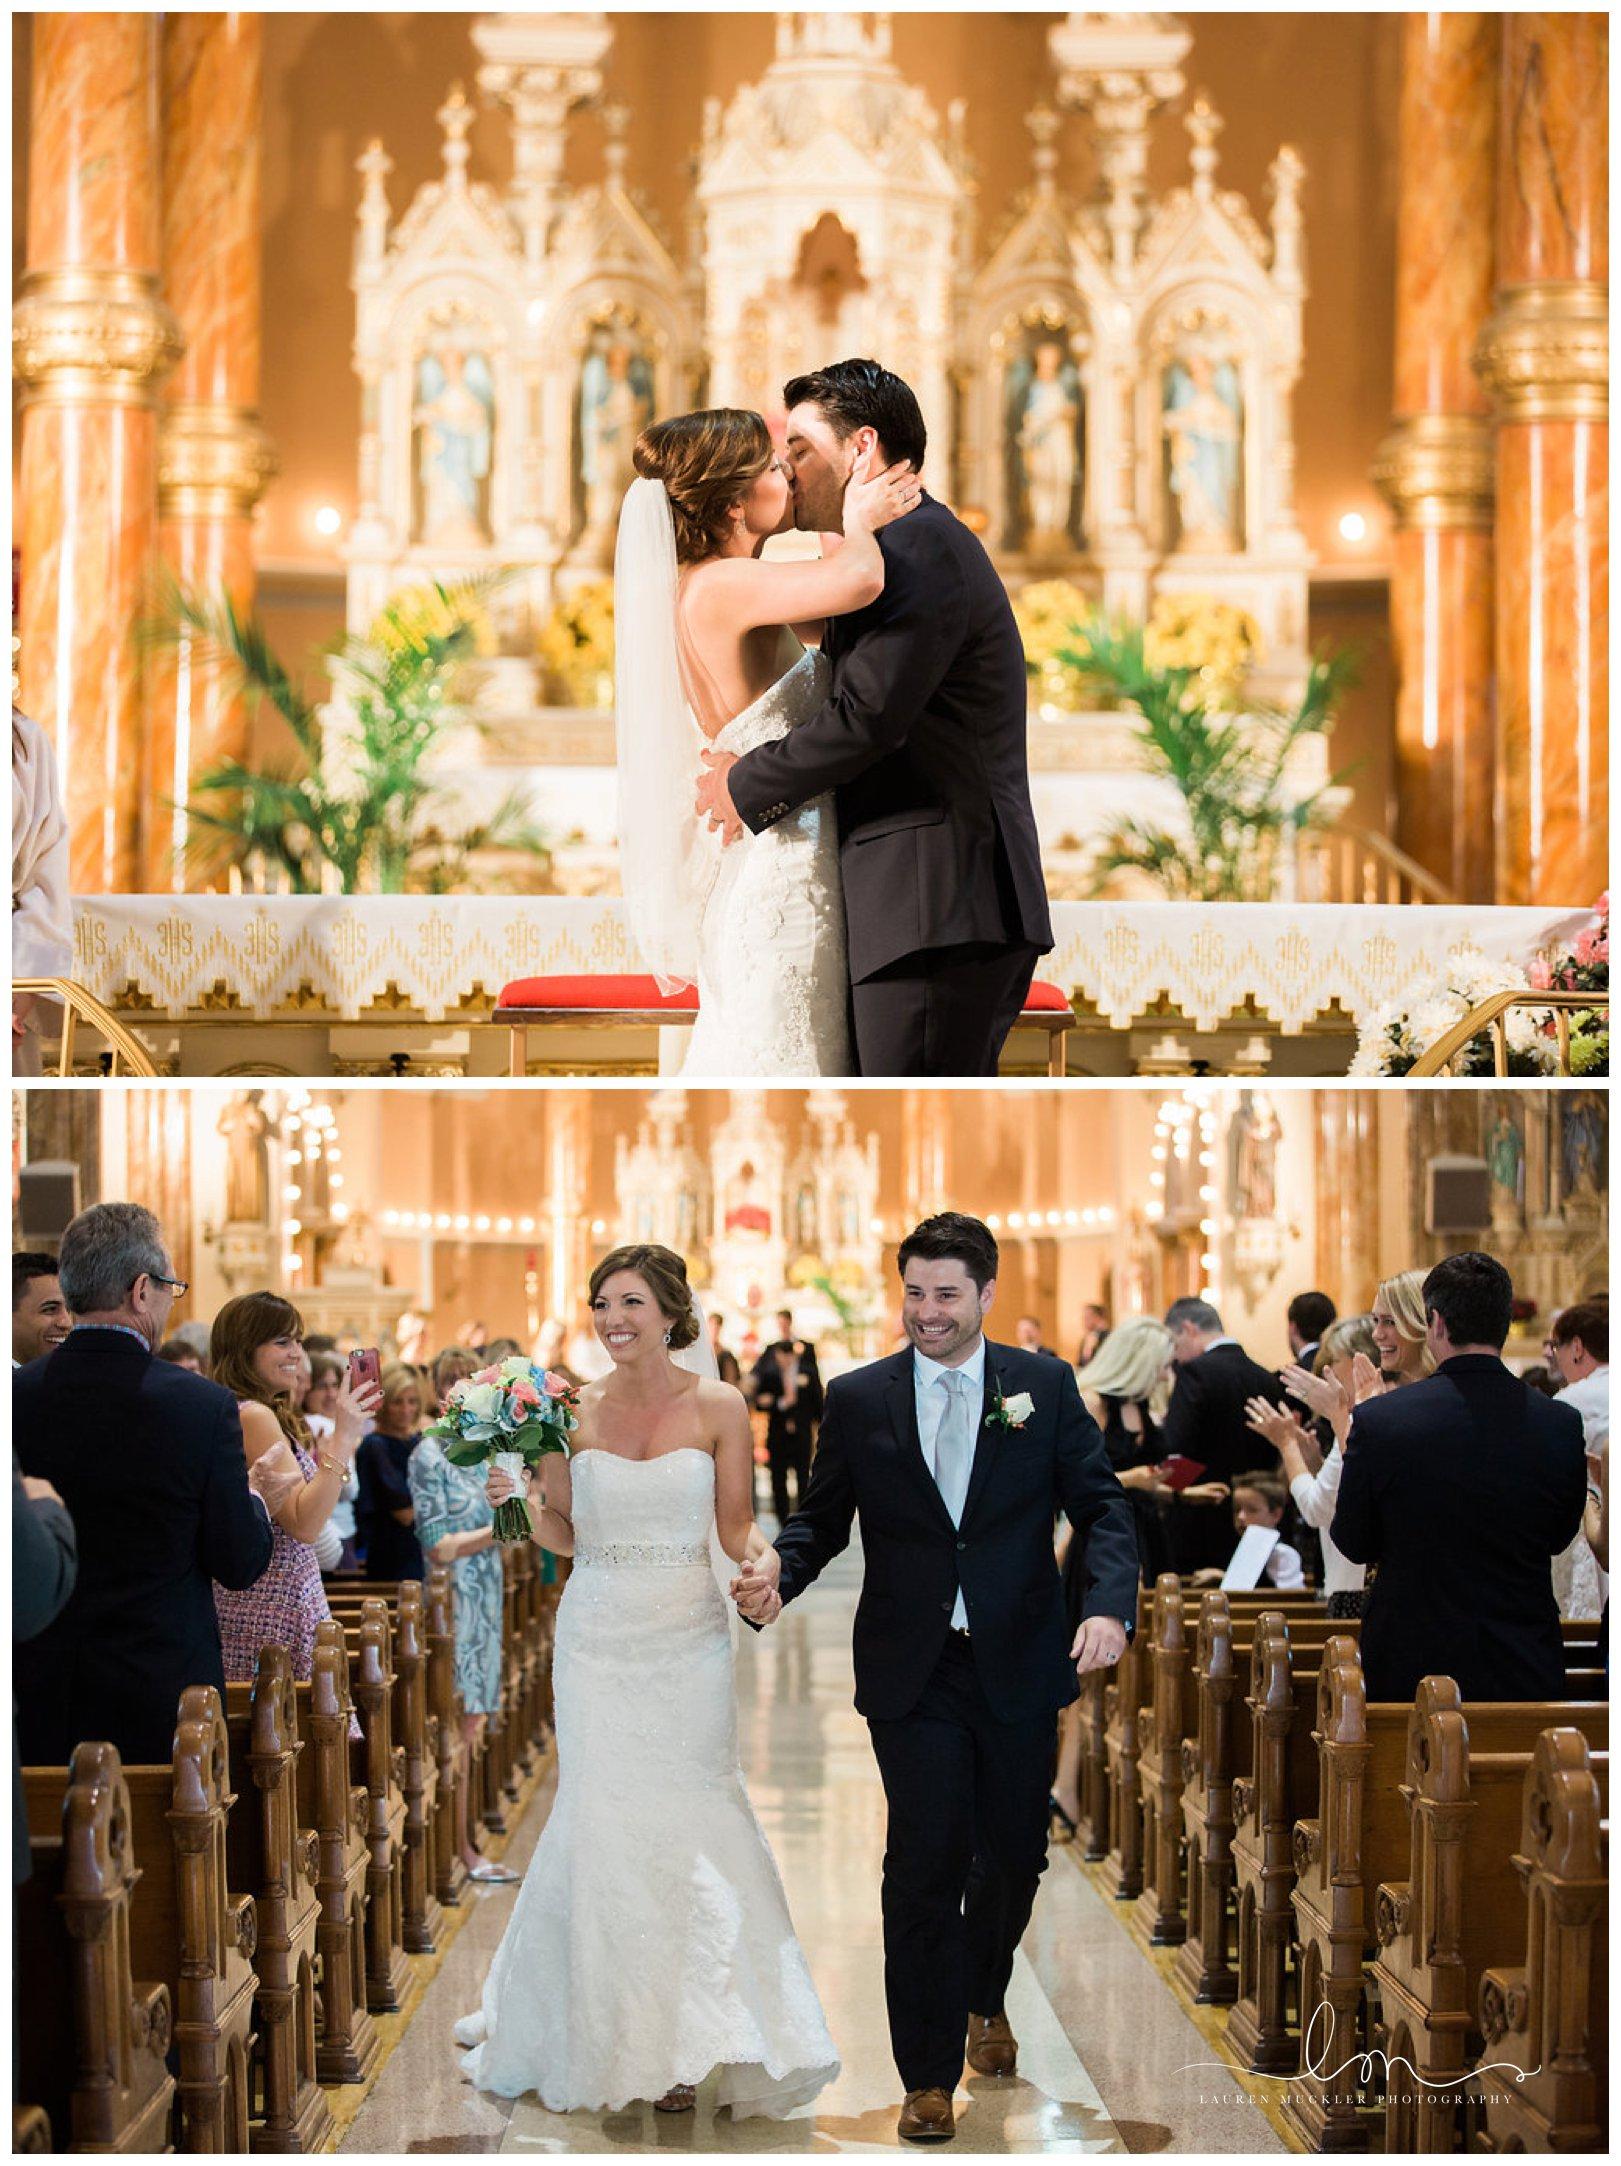 lauren muckler photography_fine art film wedding photography_st louis_photography_0011.jpg